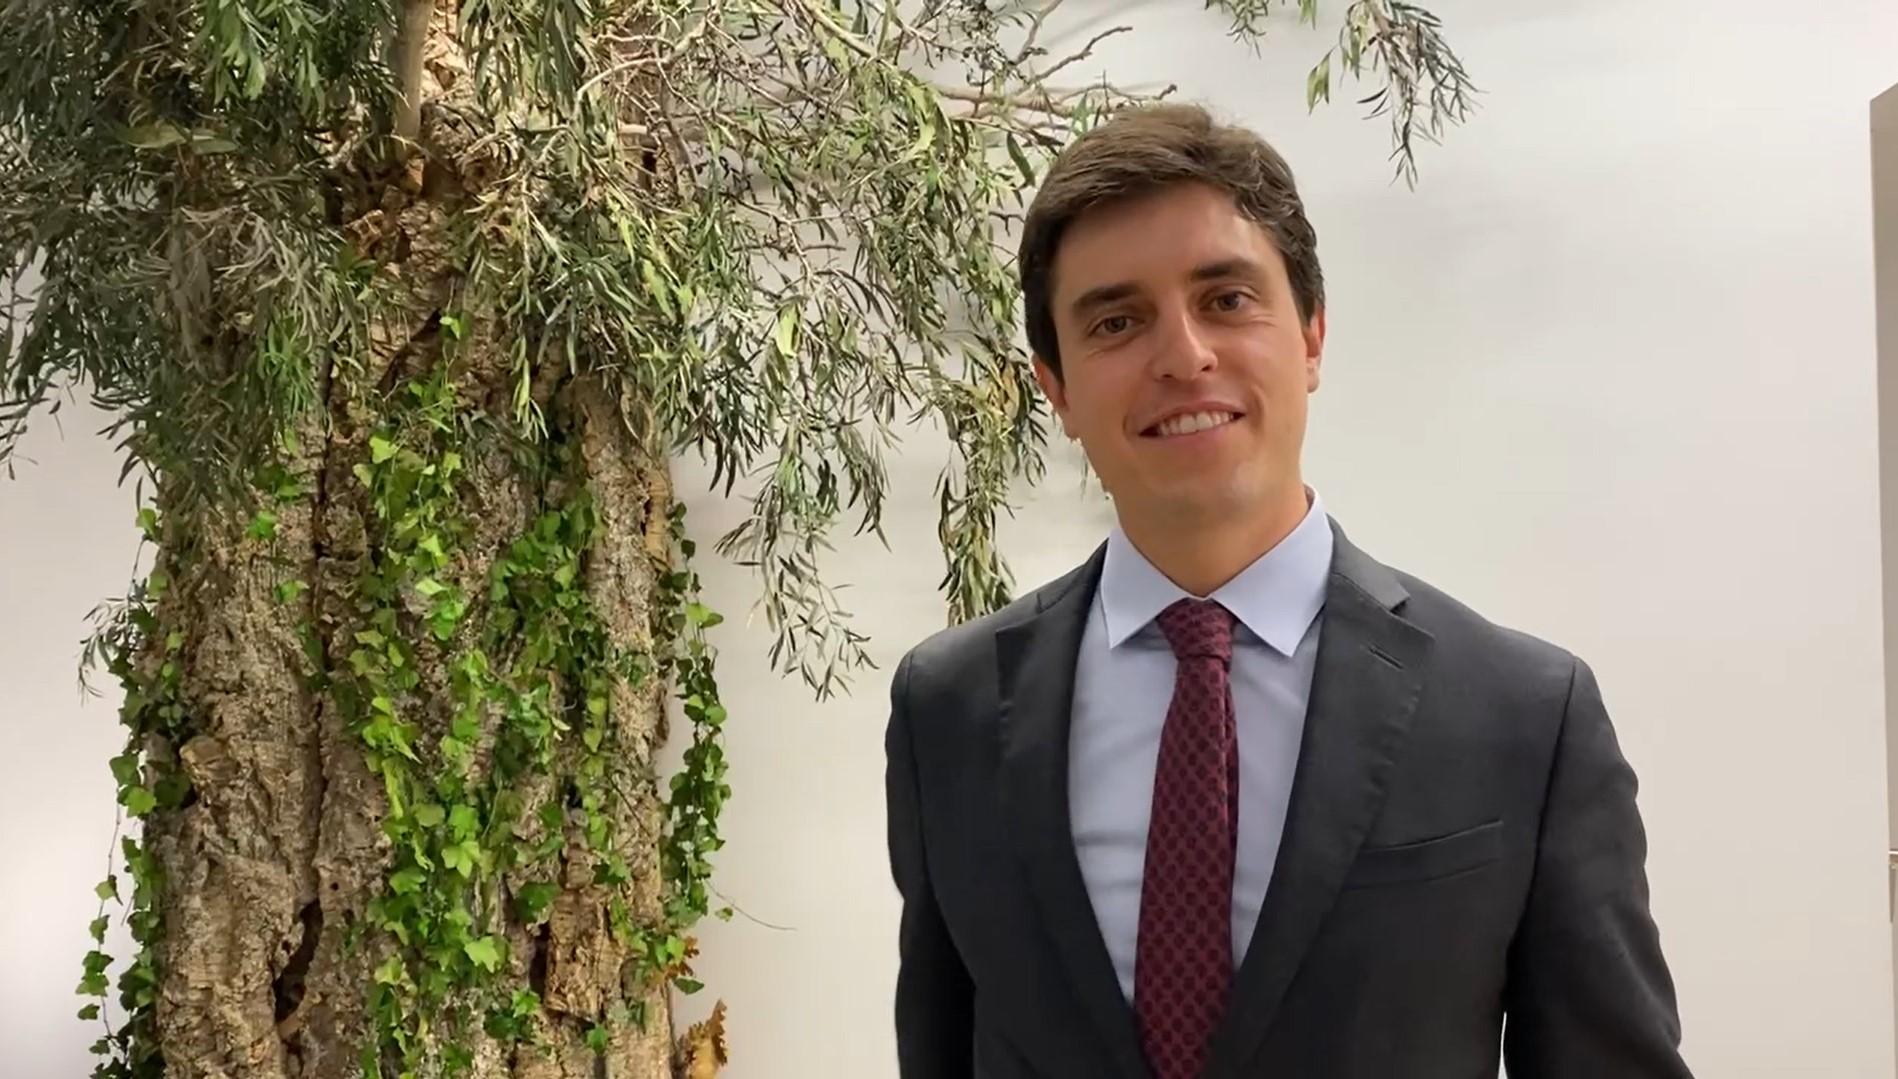 """Daniel Pérez: """"Uniteco se ocupa y se preocupa por sus clientes"""""""